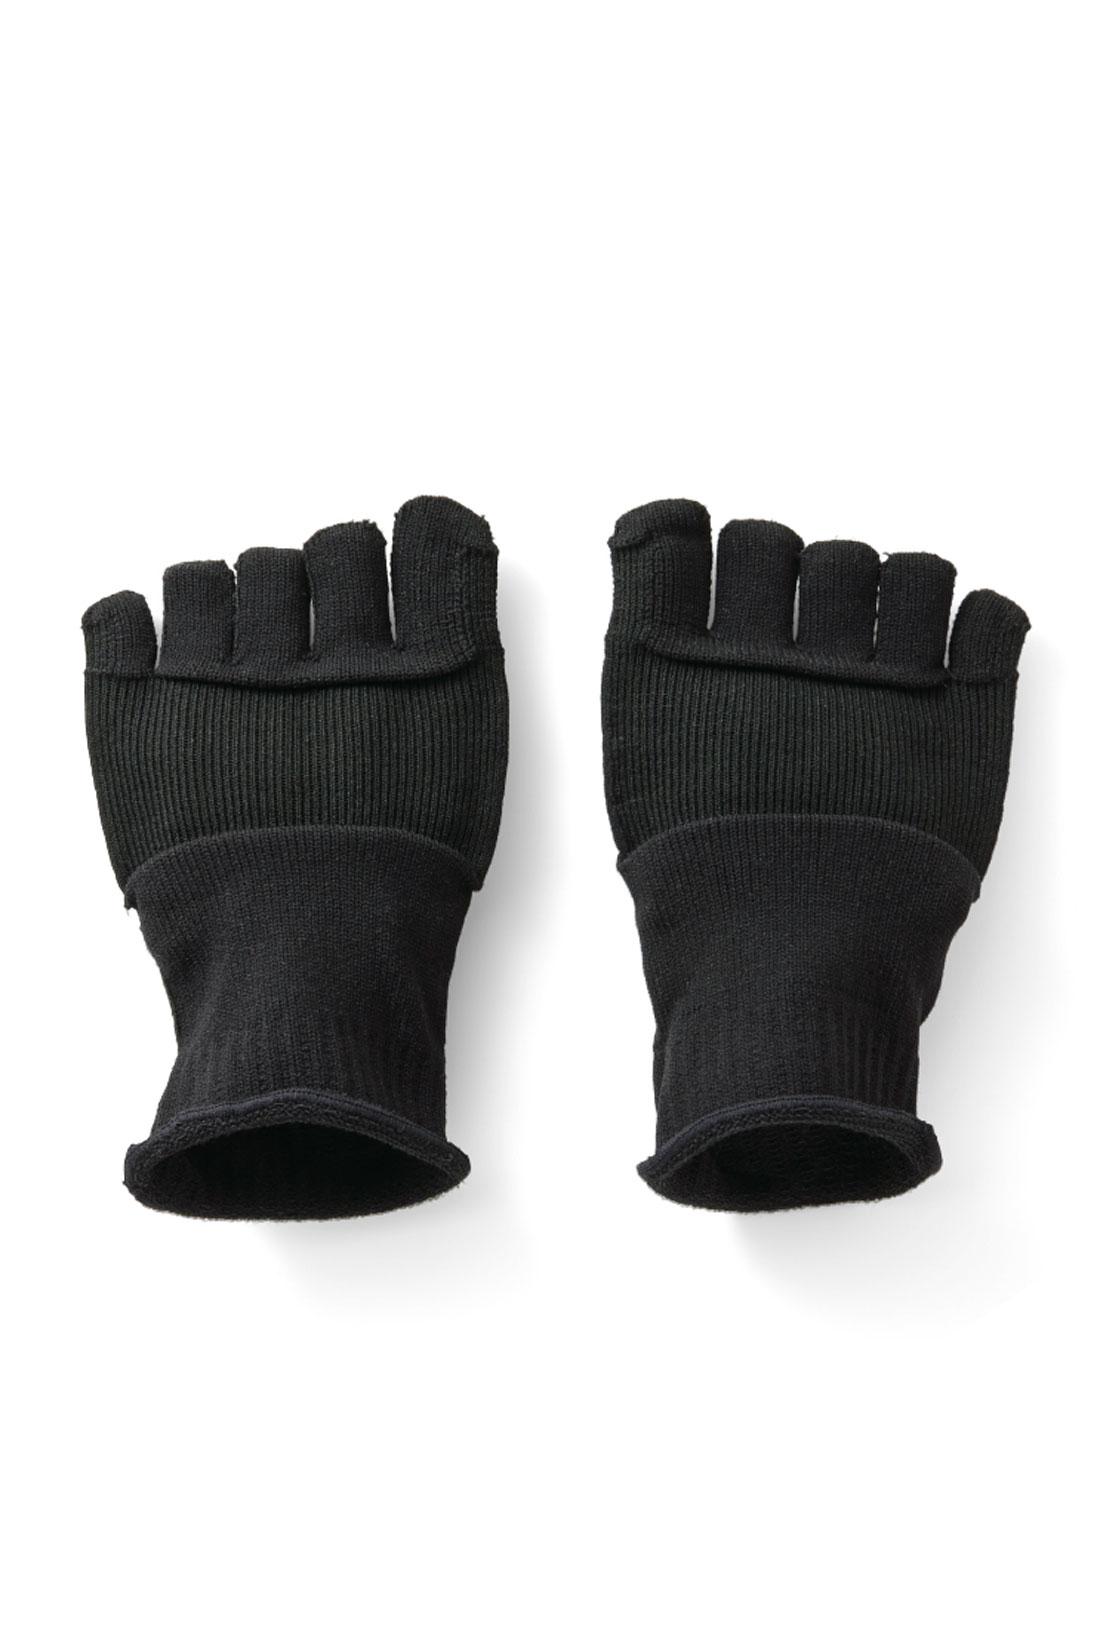 Front 黒タイツのインにおすすめ。立ち仕事などの足の裏をやさしく刺激します。